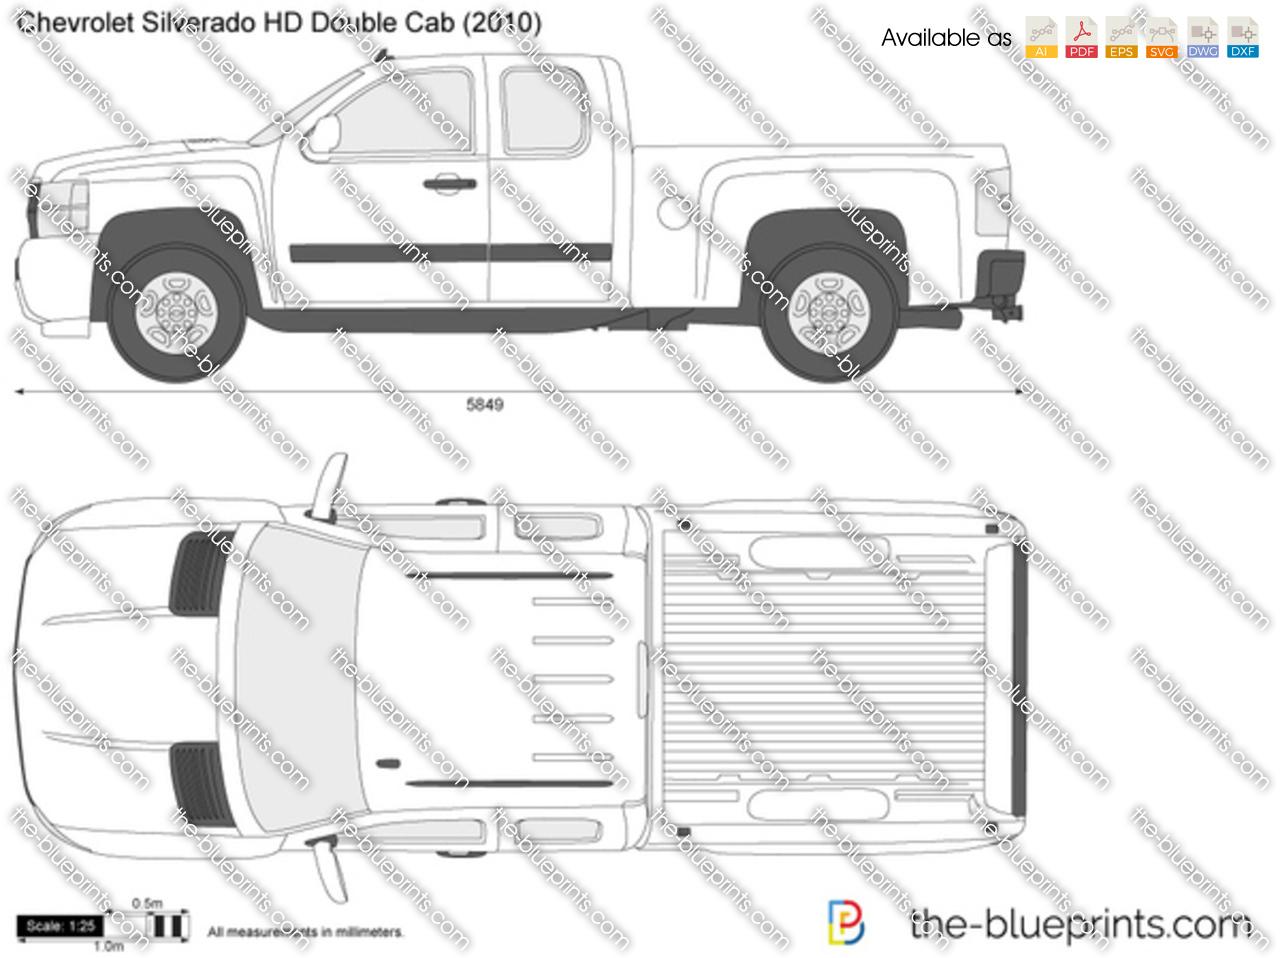 Chevrolet Silverado HD Double Cab 2009